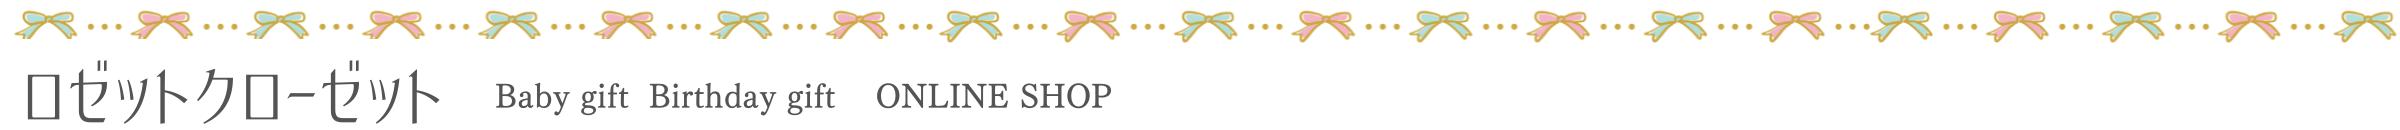 出産祝い・お誕生日ギフト ドレスエプロン  Rosette(ロゼット)